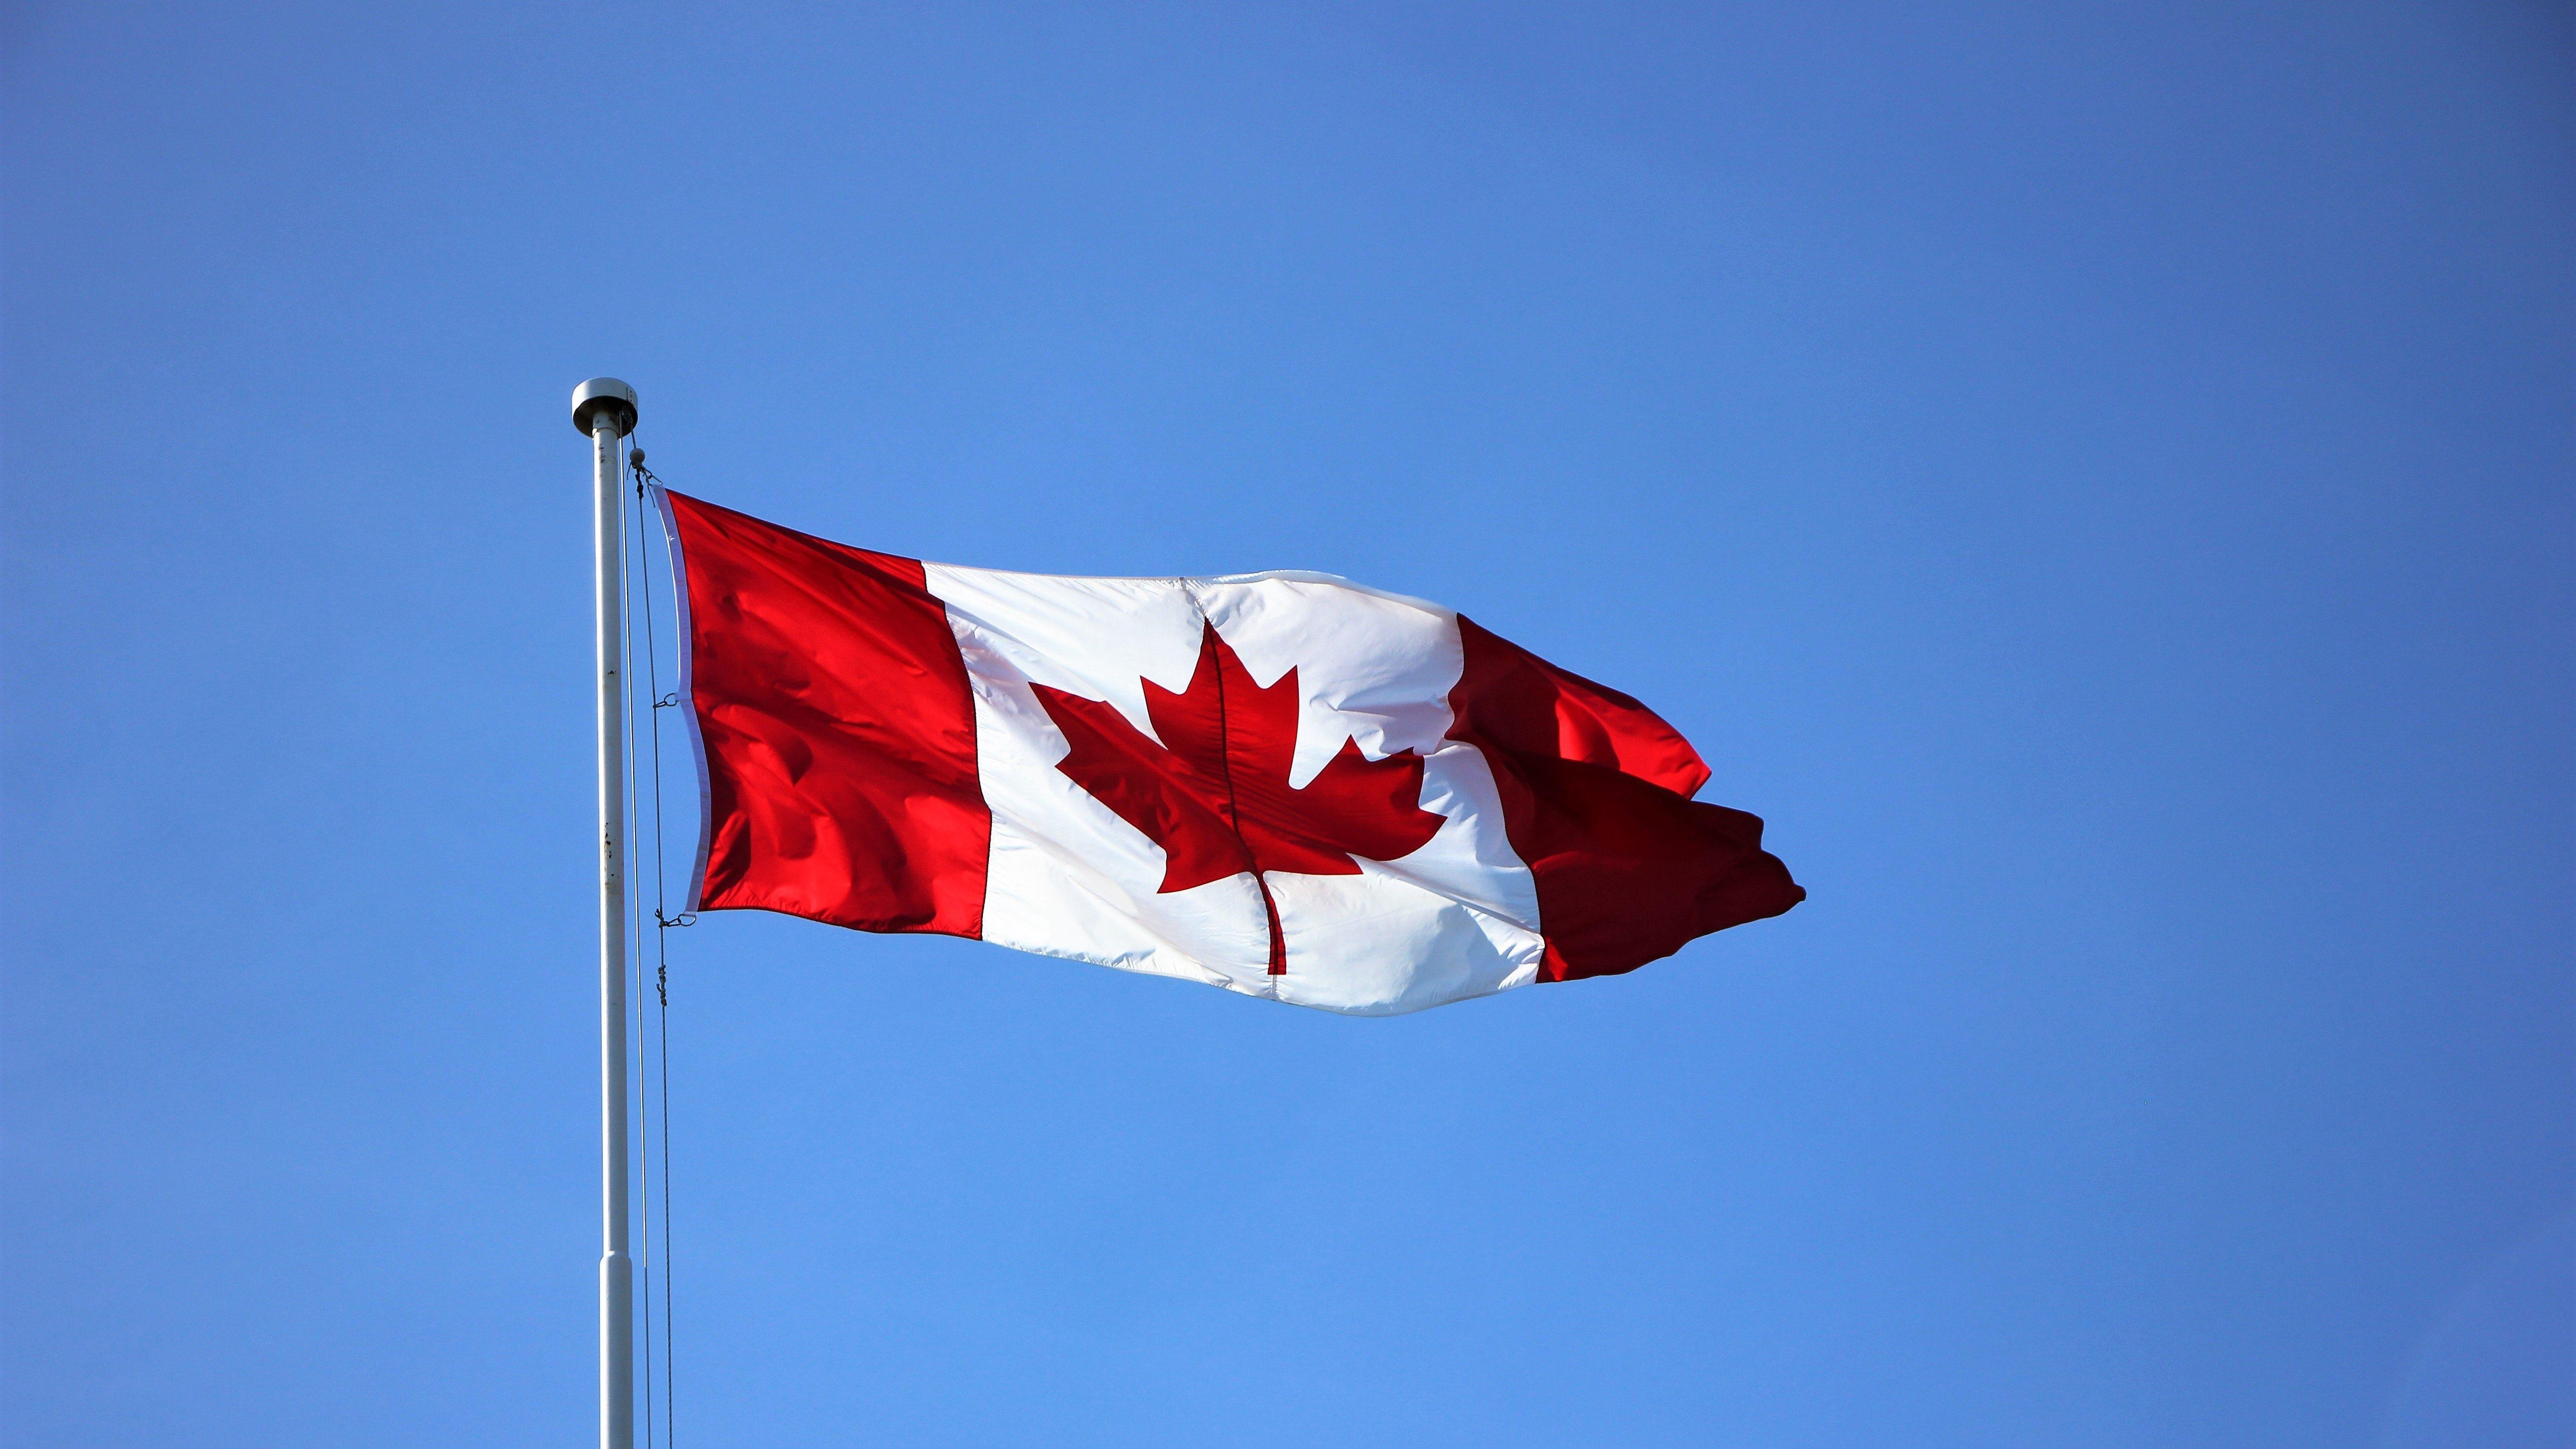 L'impatto sullo sport giovanile in Canada